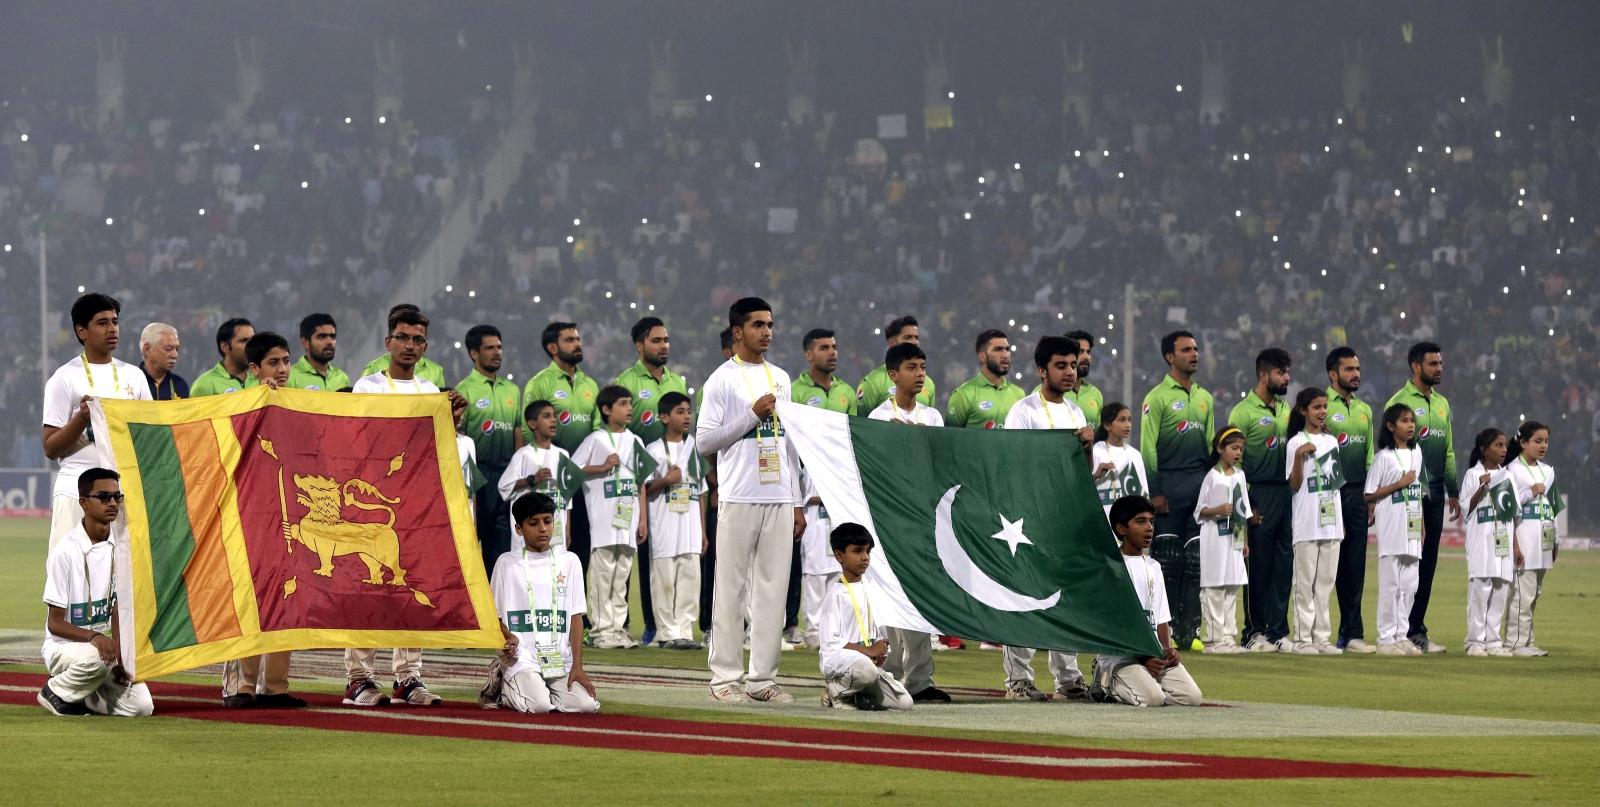 Mistrzostwa w Krykiecie, Pakistan